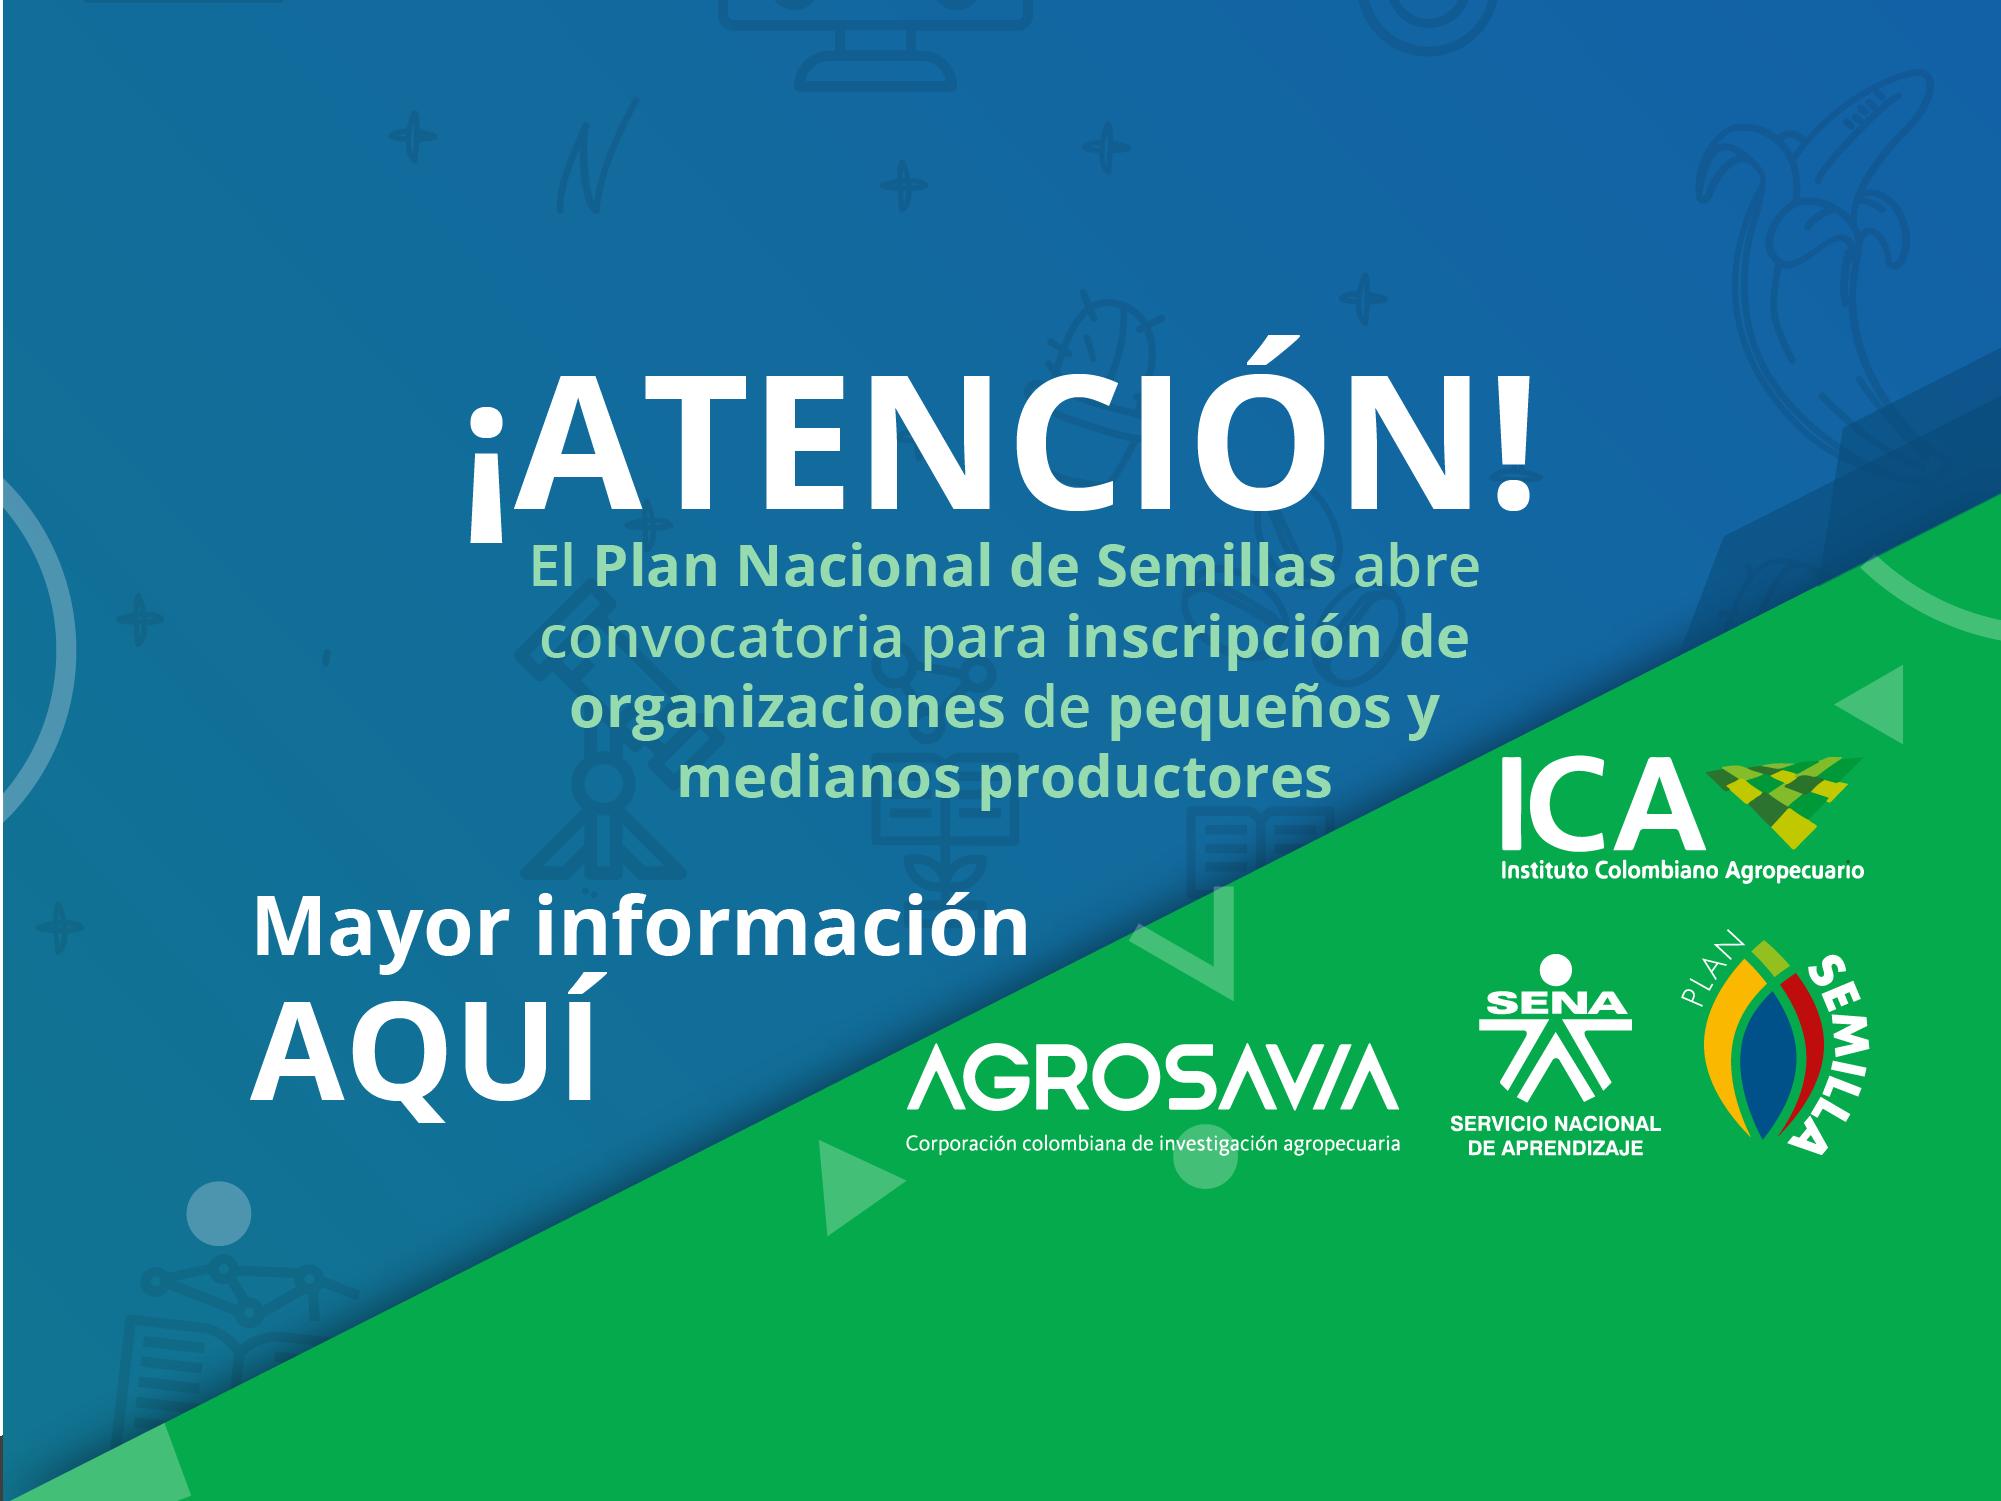 Plan Nacional de Semillas abre convocatoria para inscripción de organizaciones de productores